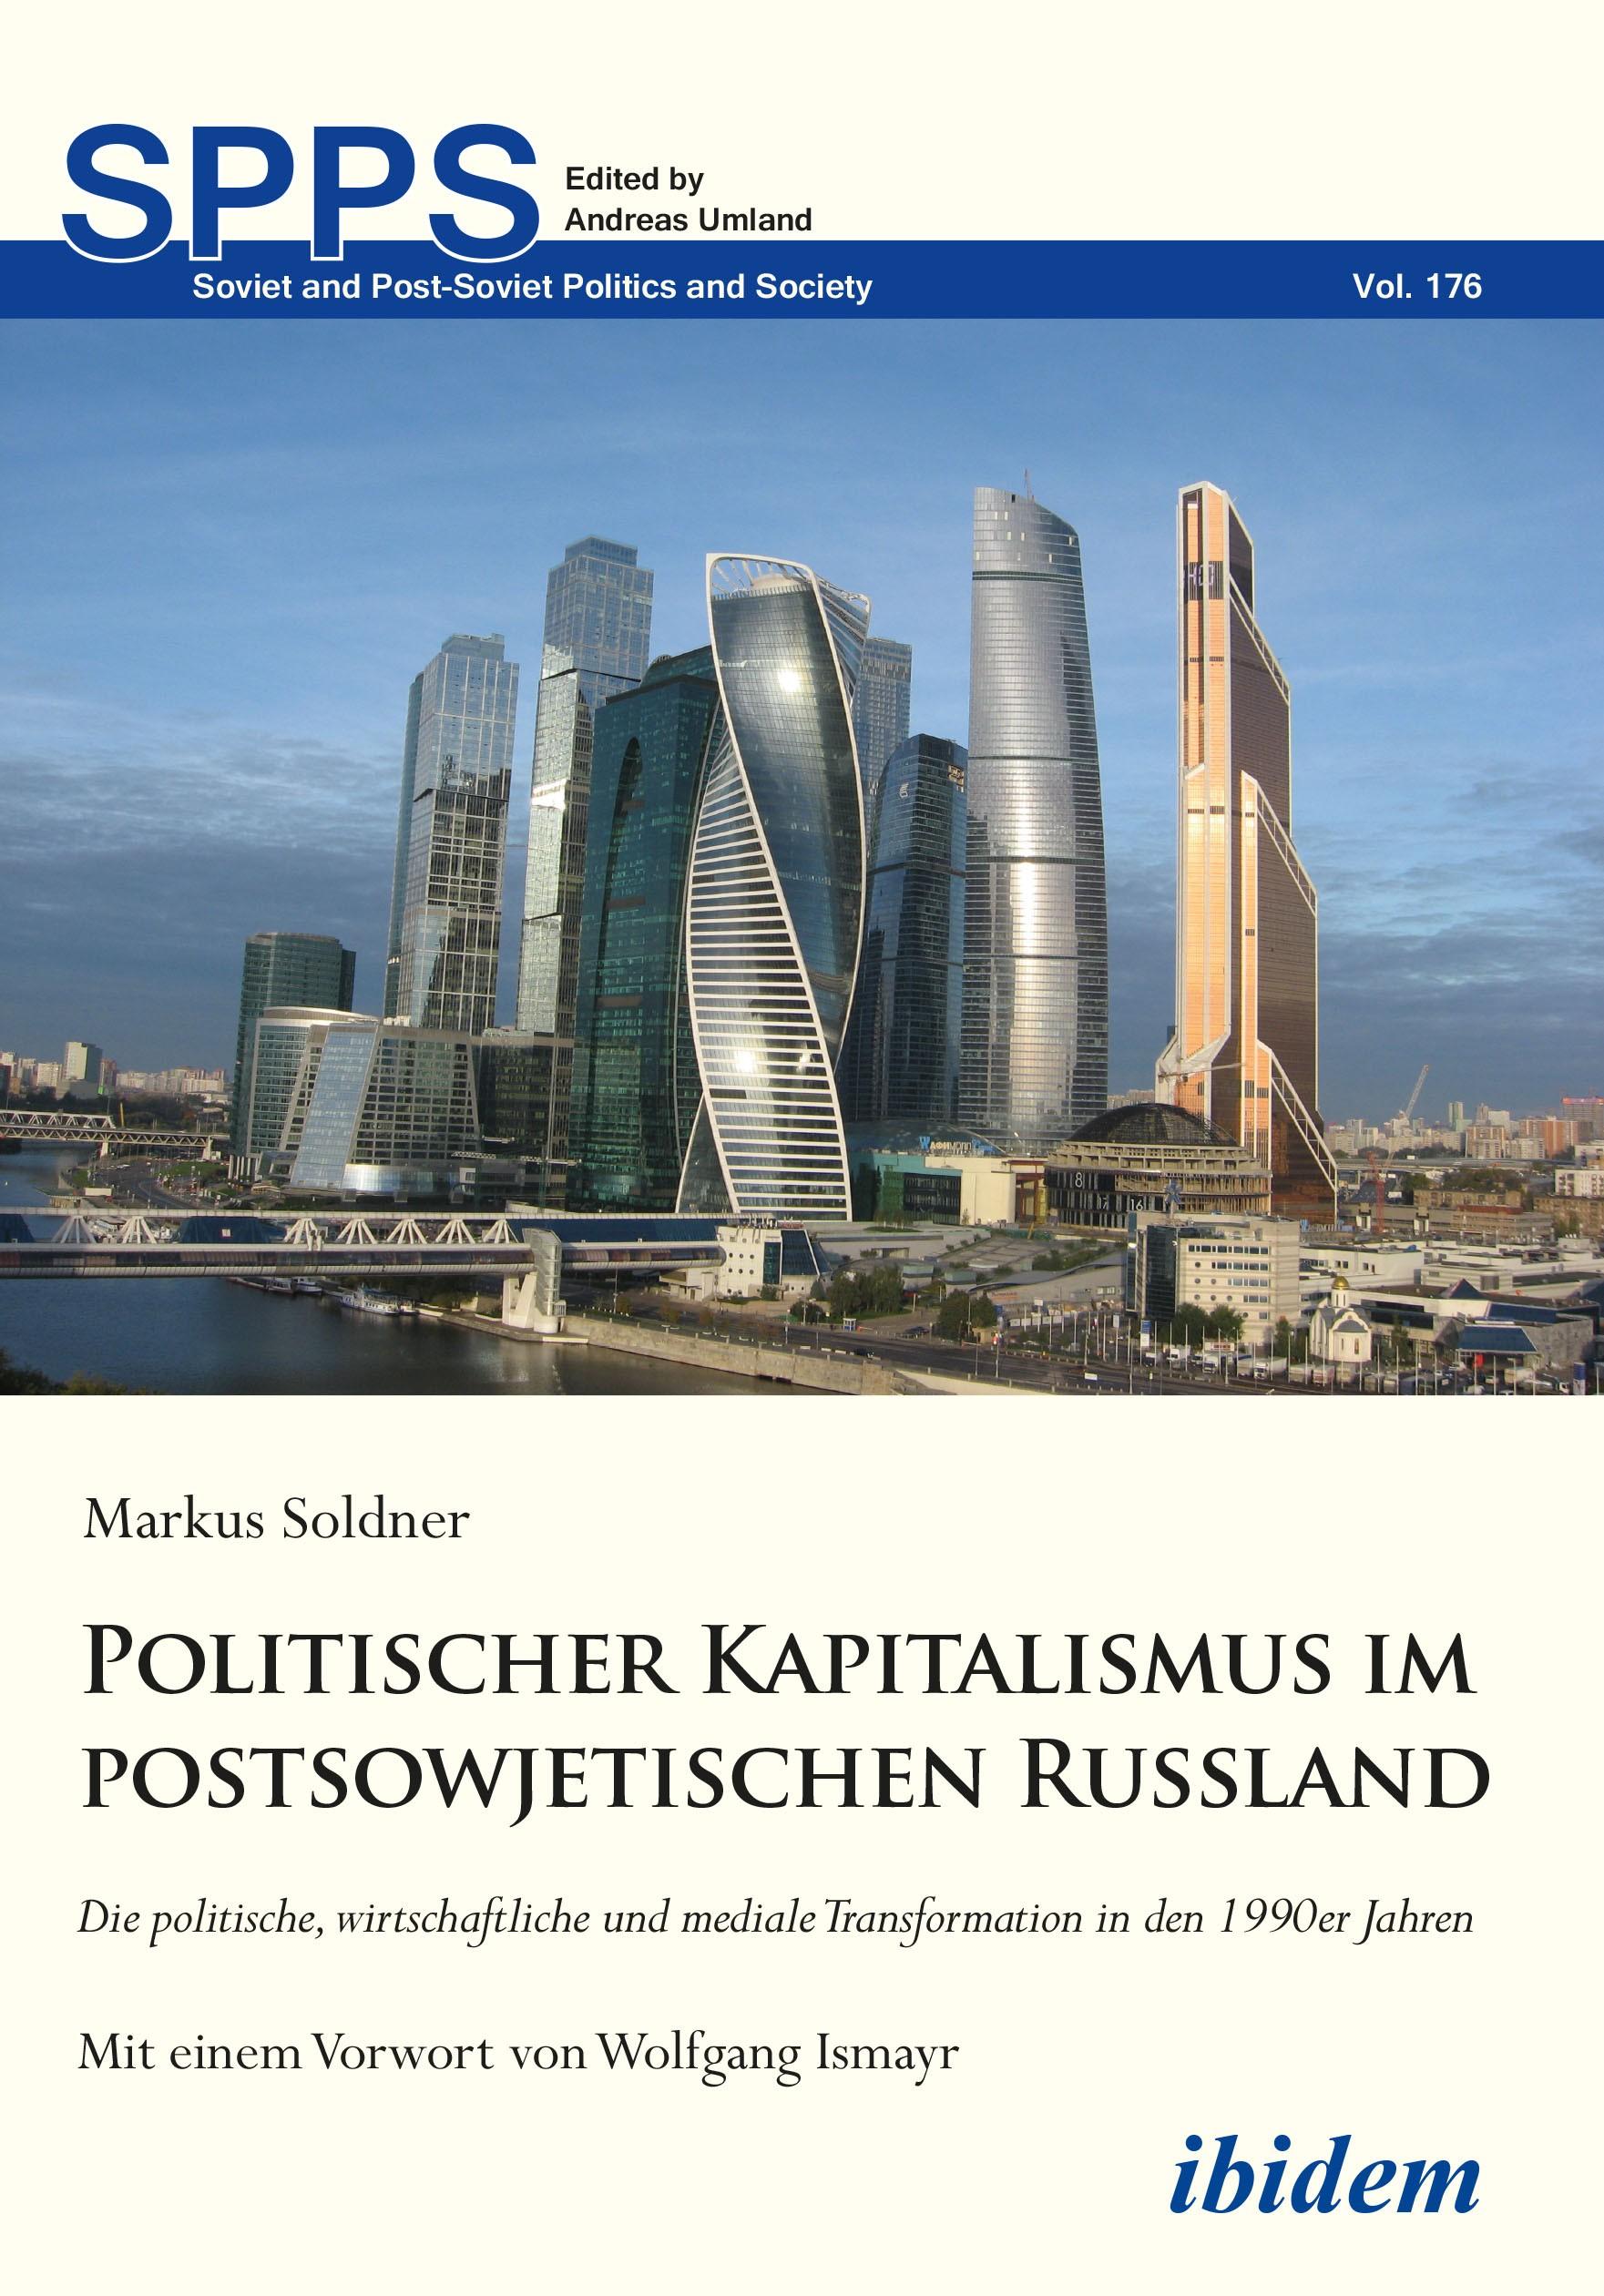 Politischer Kapitalismus im postsowjetischen Russland